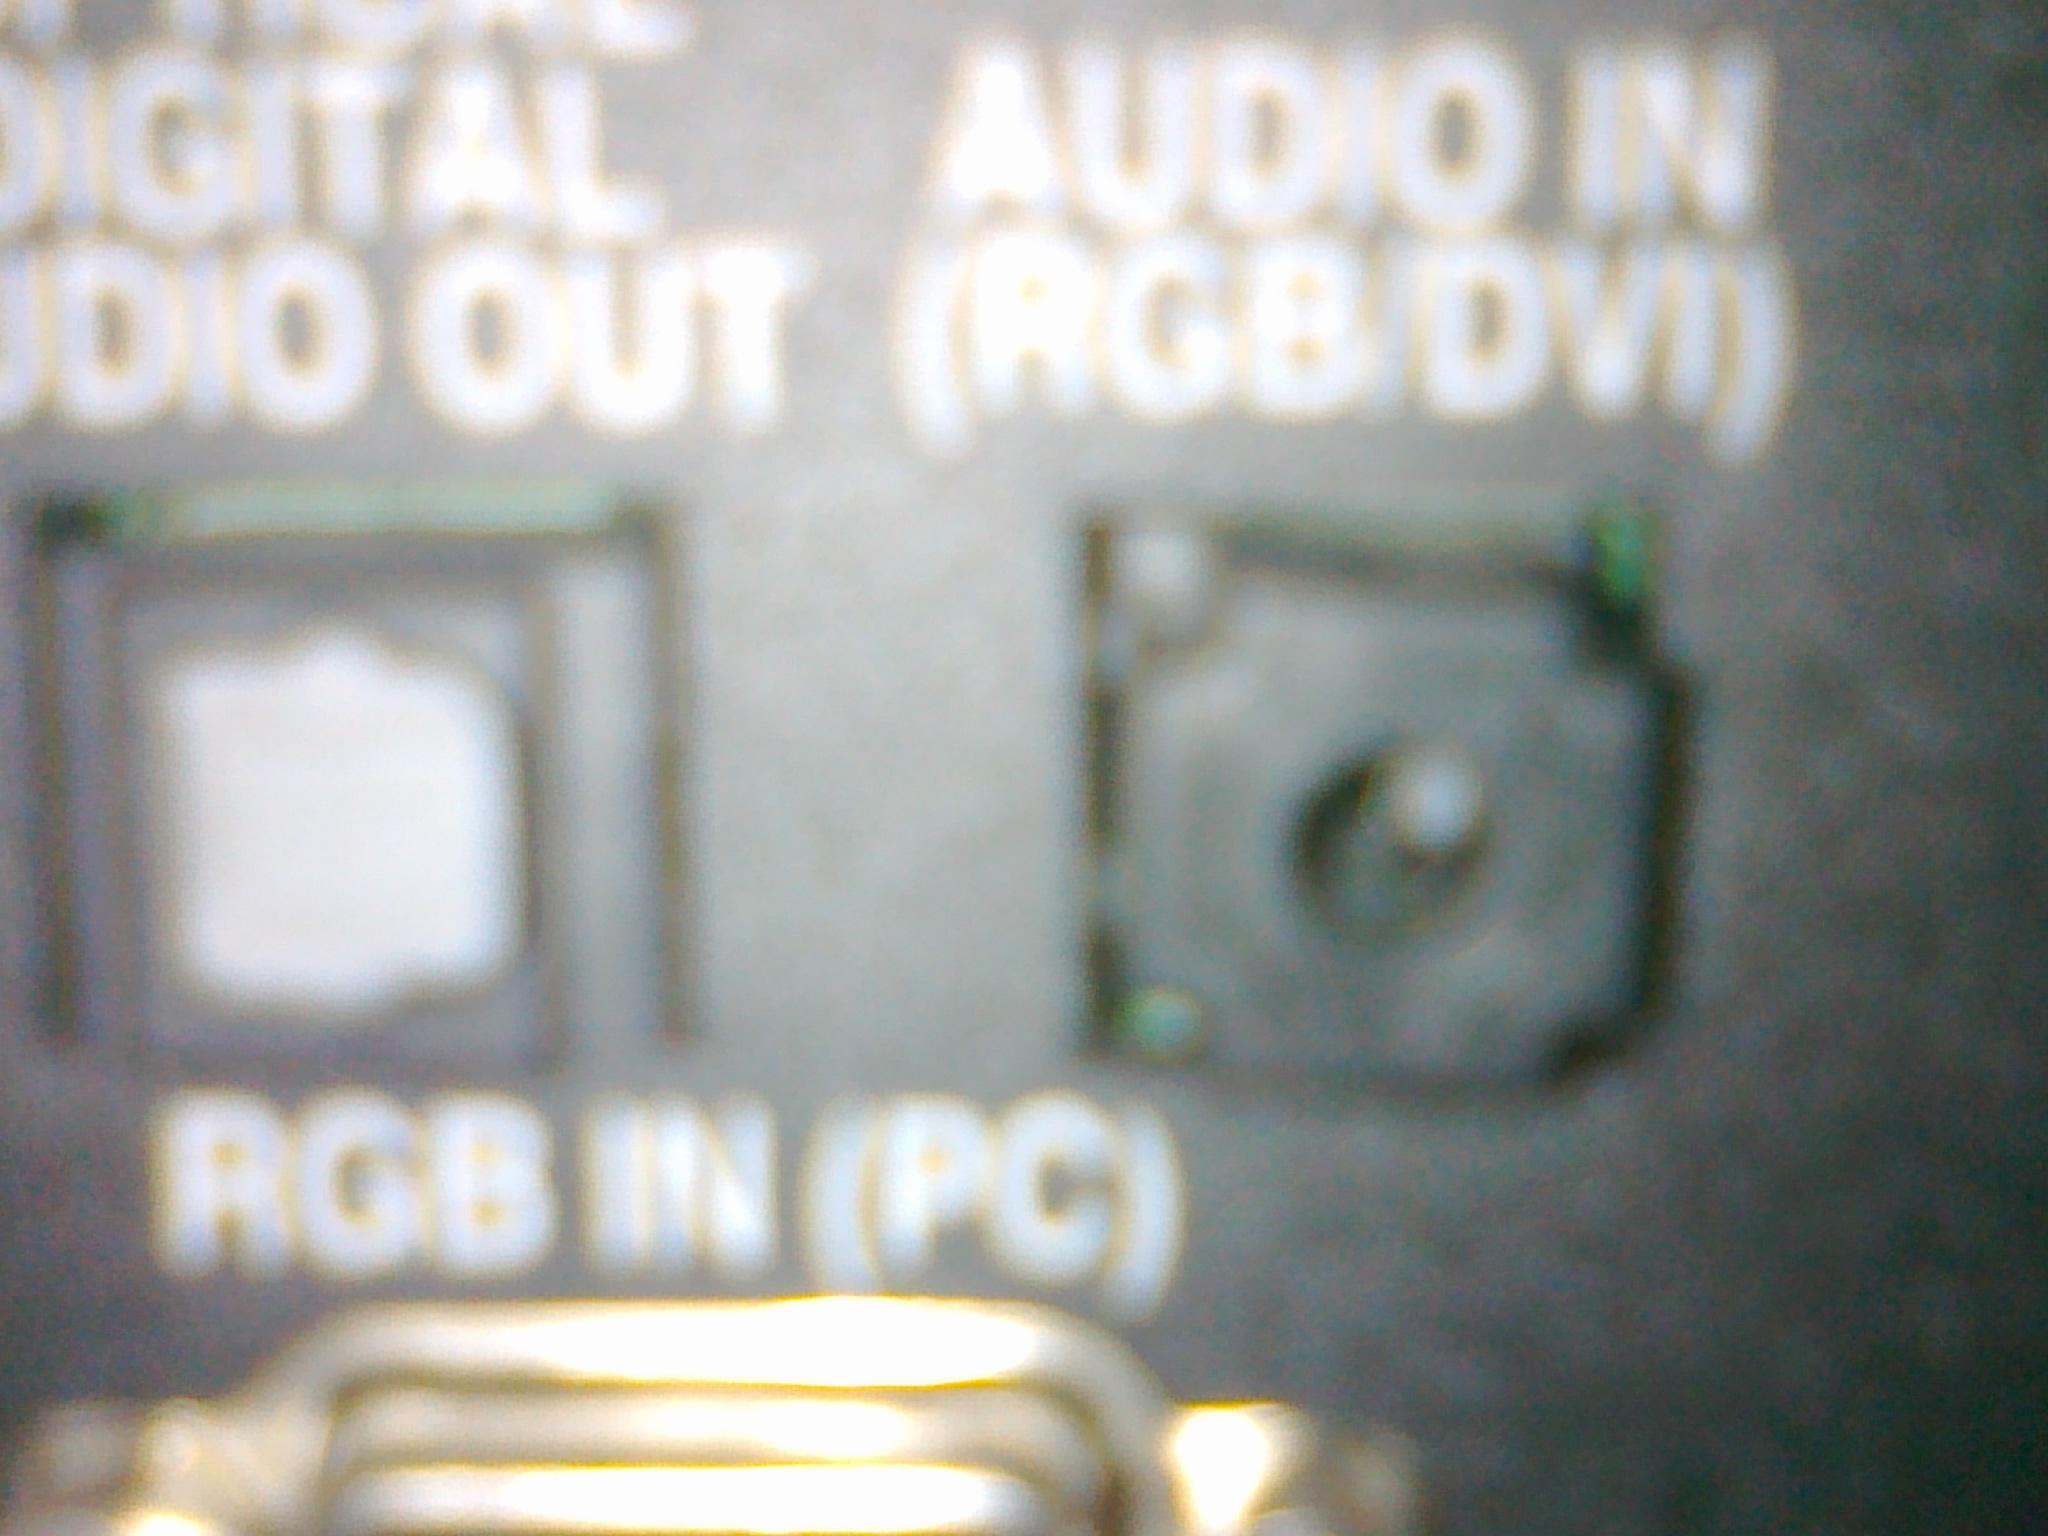 czy mozna polaczyc wzmacniacz z wejsciem AUDIO IN (RGB/DVI)